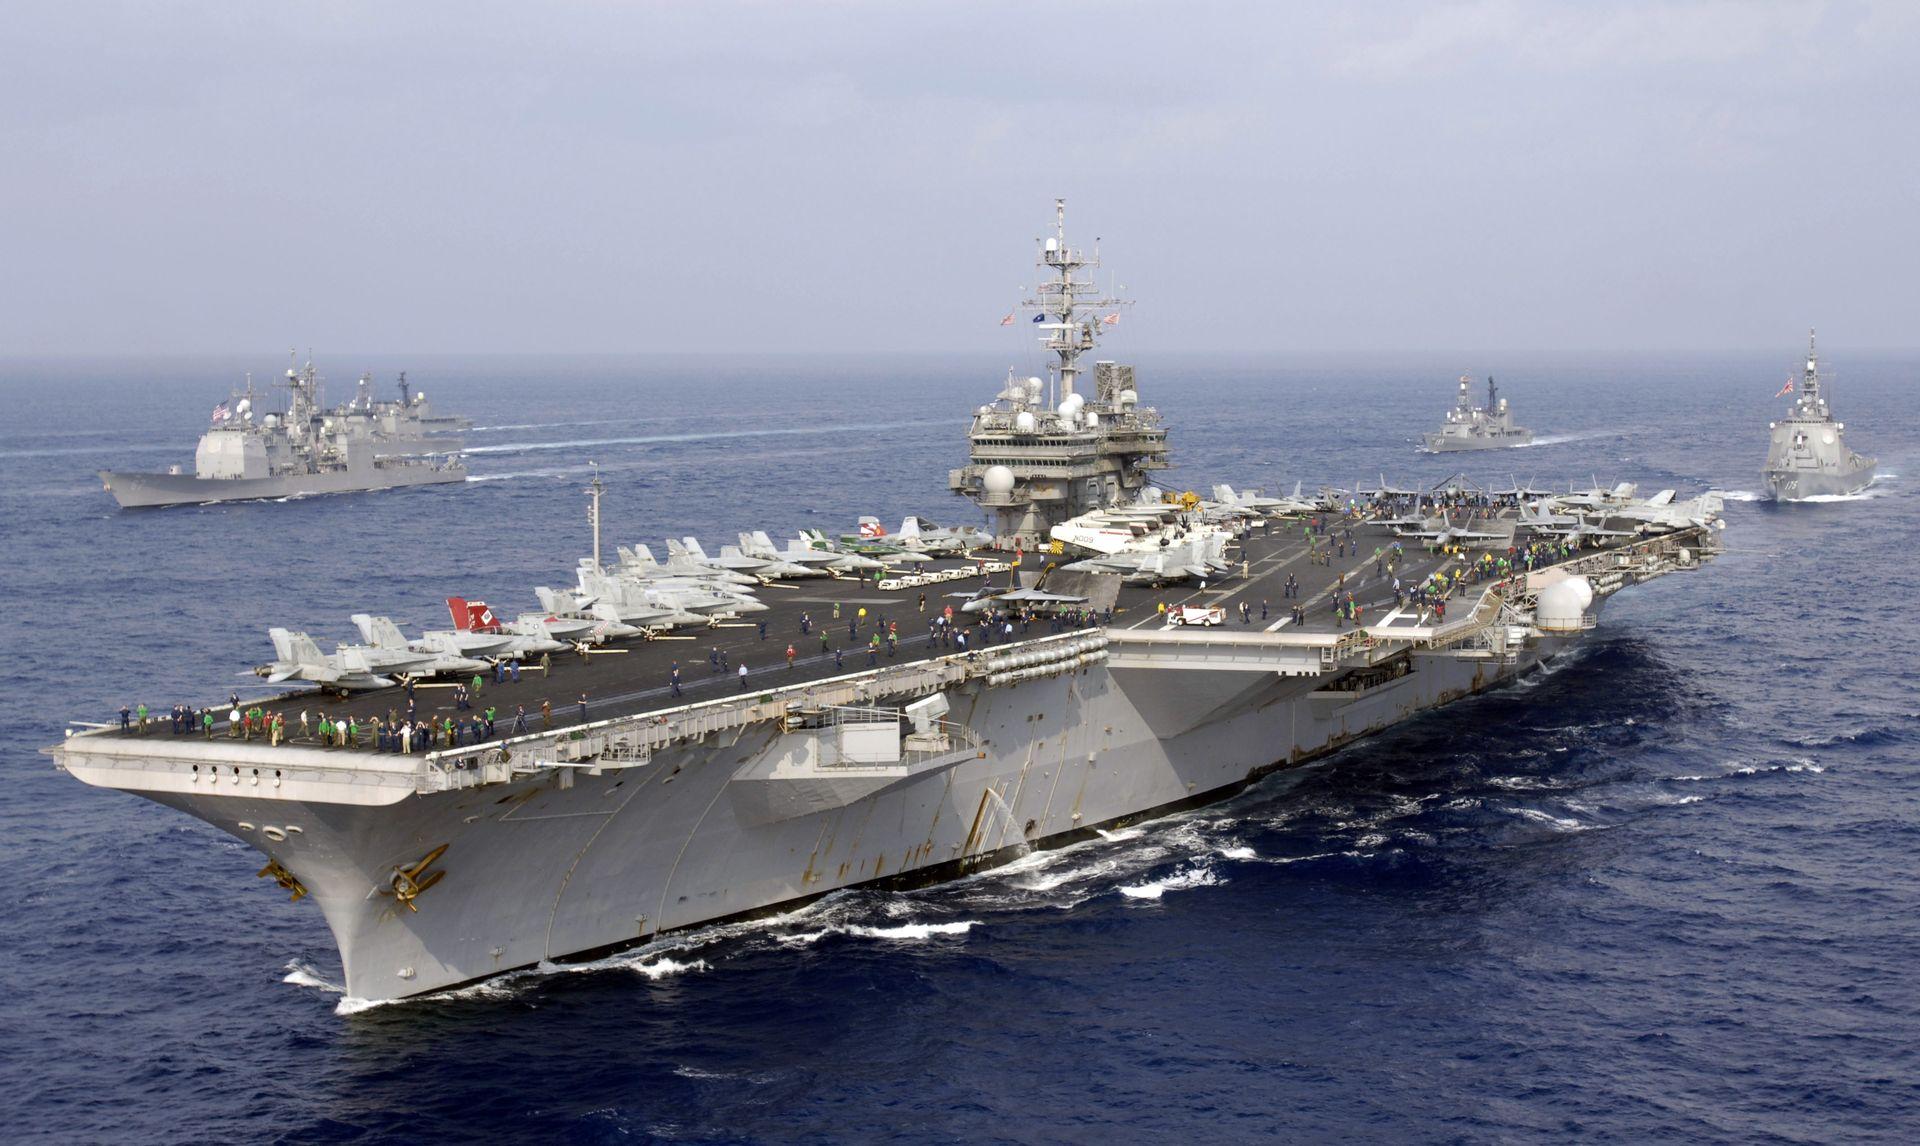 aircraft carrier USS Kitty Hawk (CV 63)